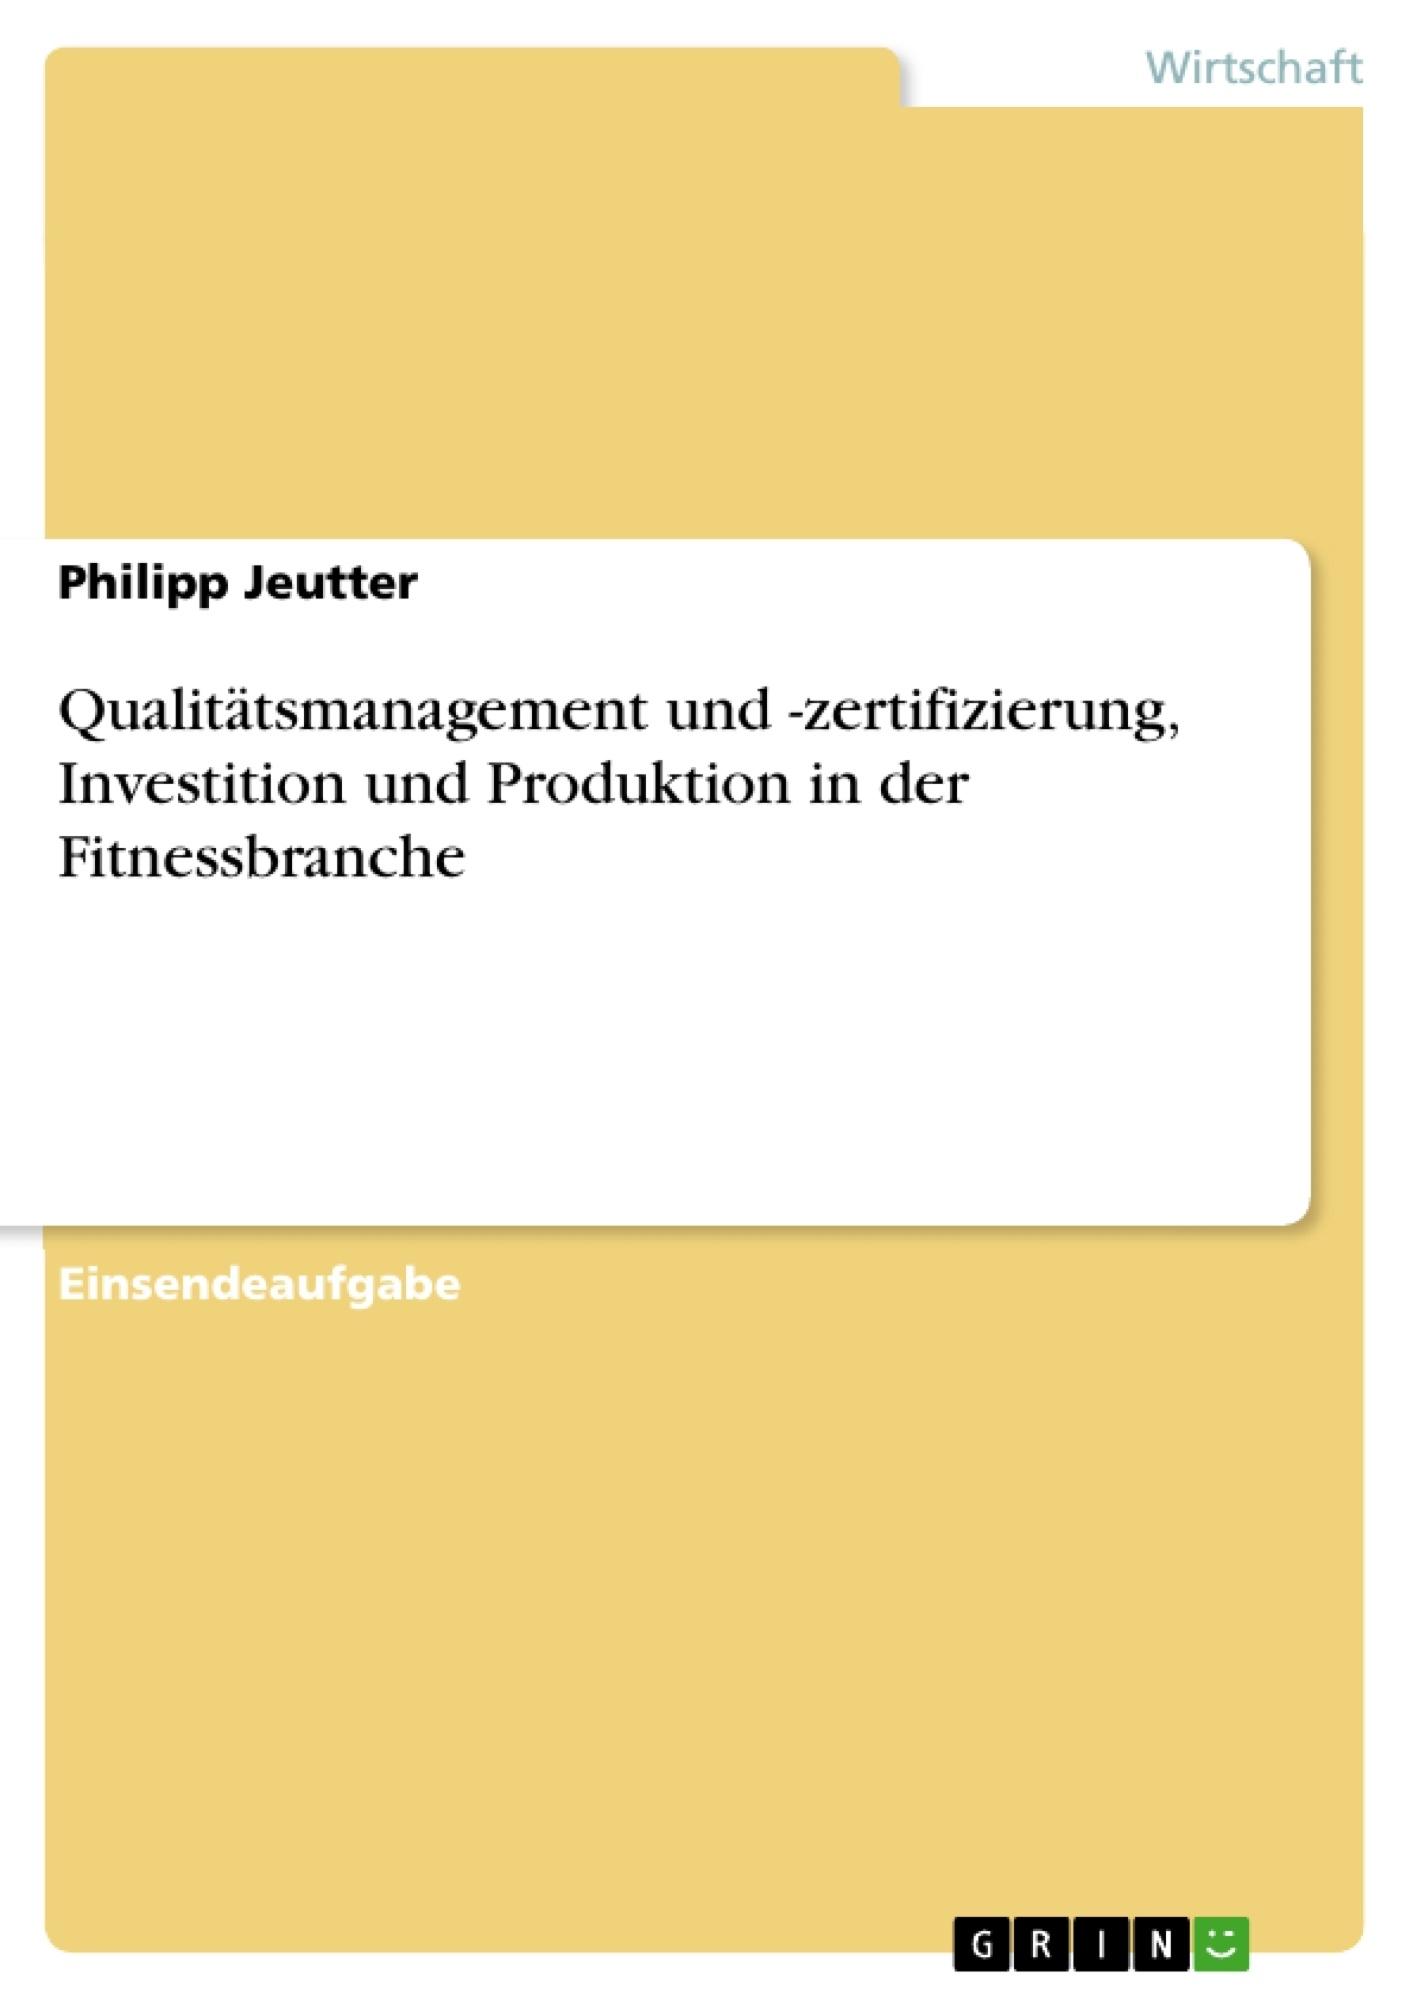 Titel: Qualitätsmanagement und -zertifizierung, Investition und Produktion in der Fitnessbranche